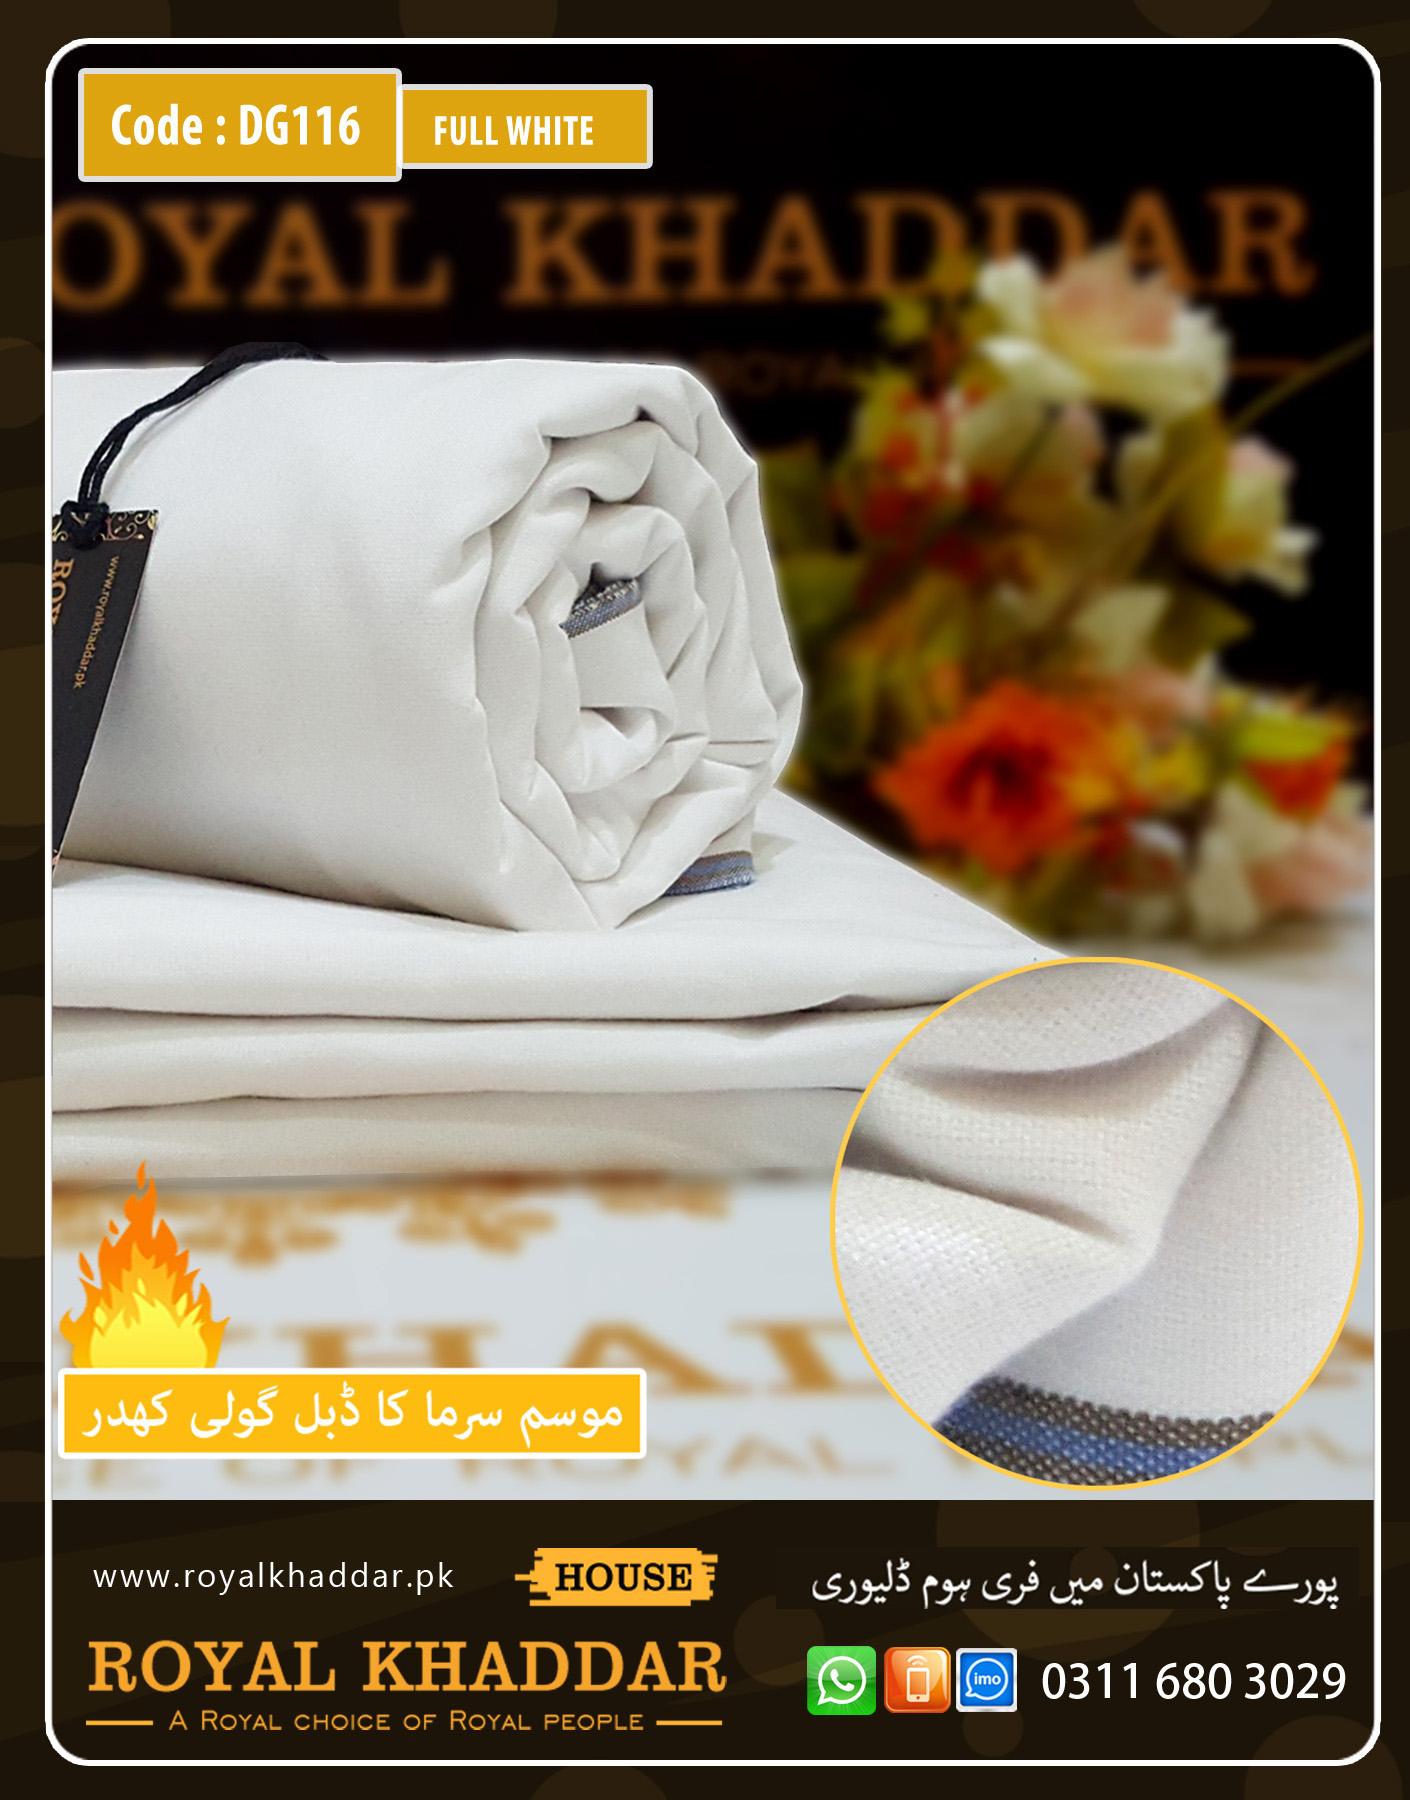 DG116 Full White Double Goli Winter Khaddar